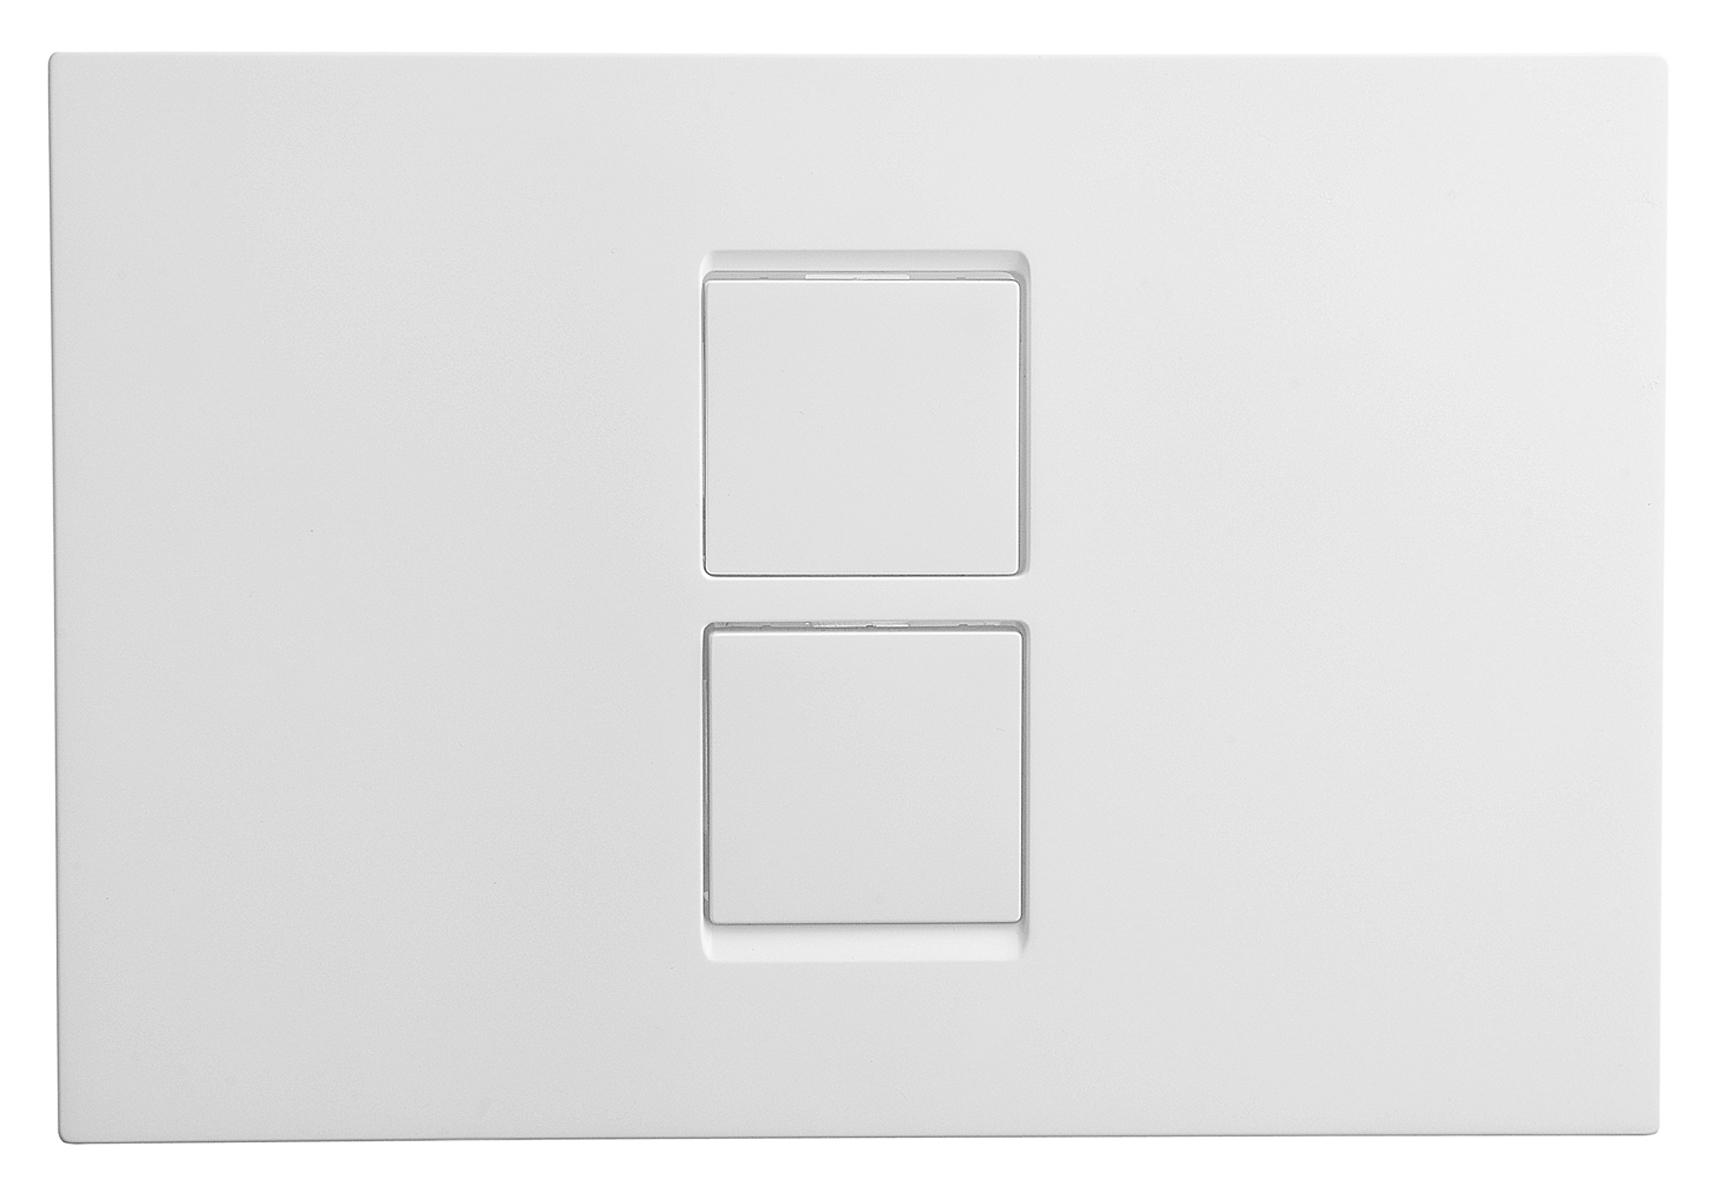 Twin² panneau de commande 3/6 l et 2,5/4 l, modèle Pneumatique, chromé mat